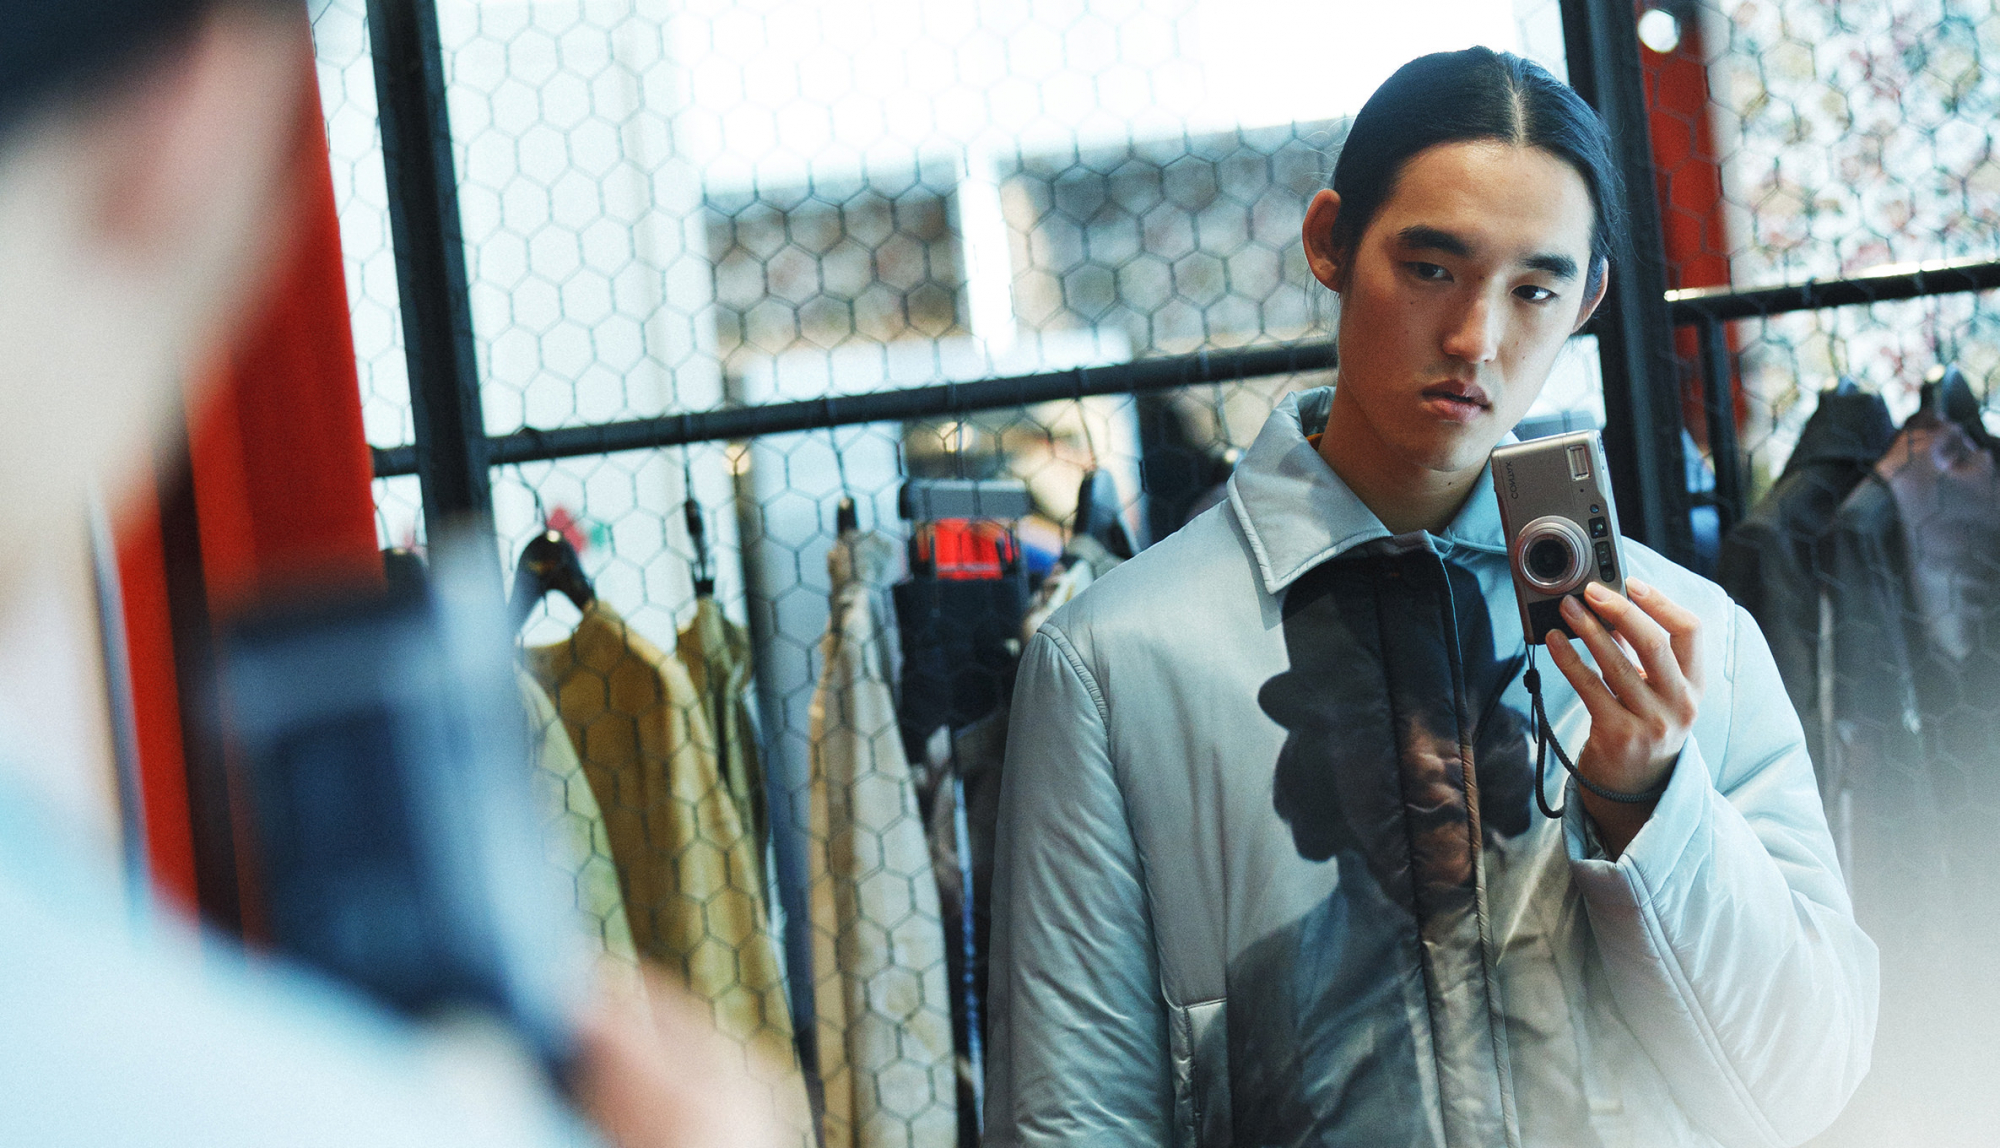 服部恭平×UNDERCOVER NOISE LAB|複数のブランドラインが一つの空間に混在する、新たなアプローチ。